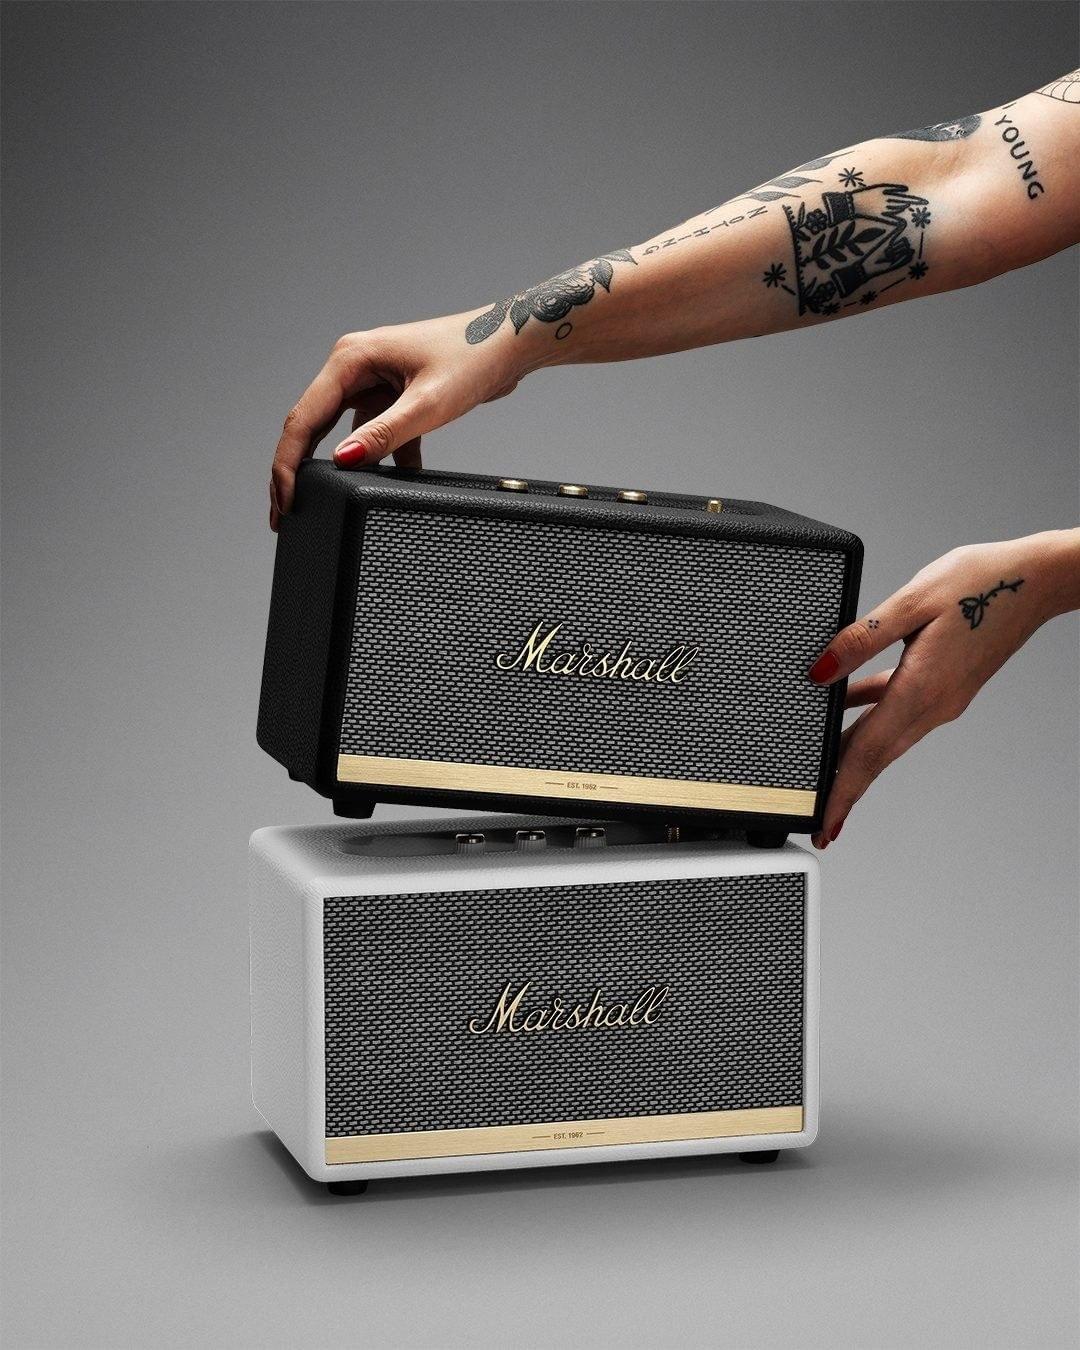 The rectangular speaker